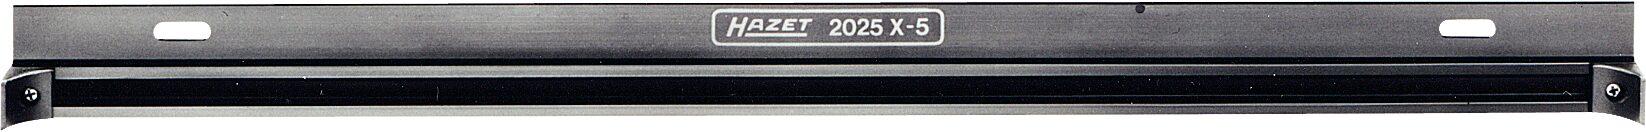 HAZET Führungsschiene 2025X-5